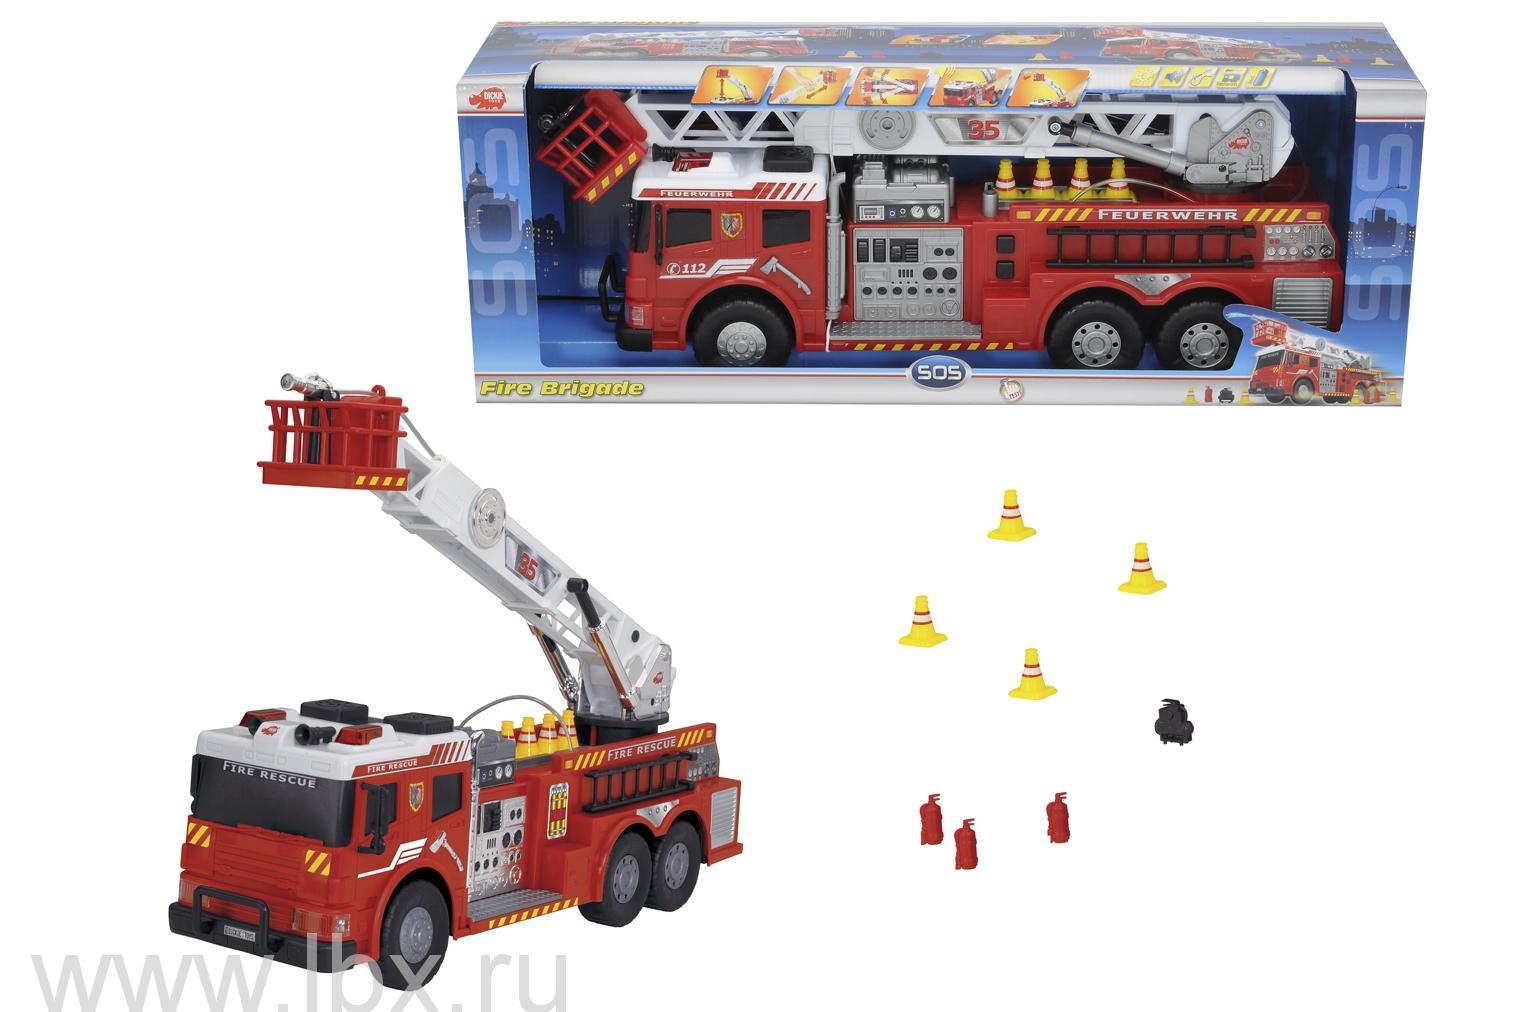 Пожарная машина с водой Dickie (Дики)